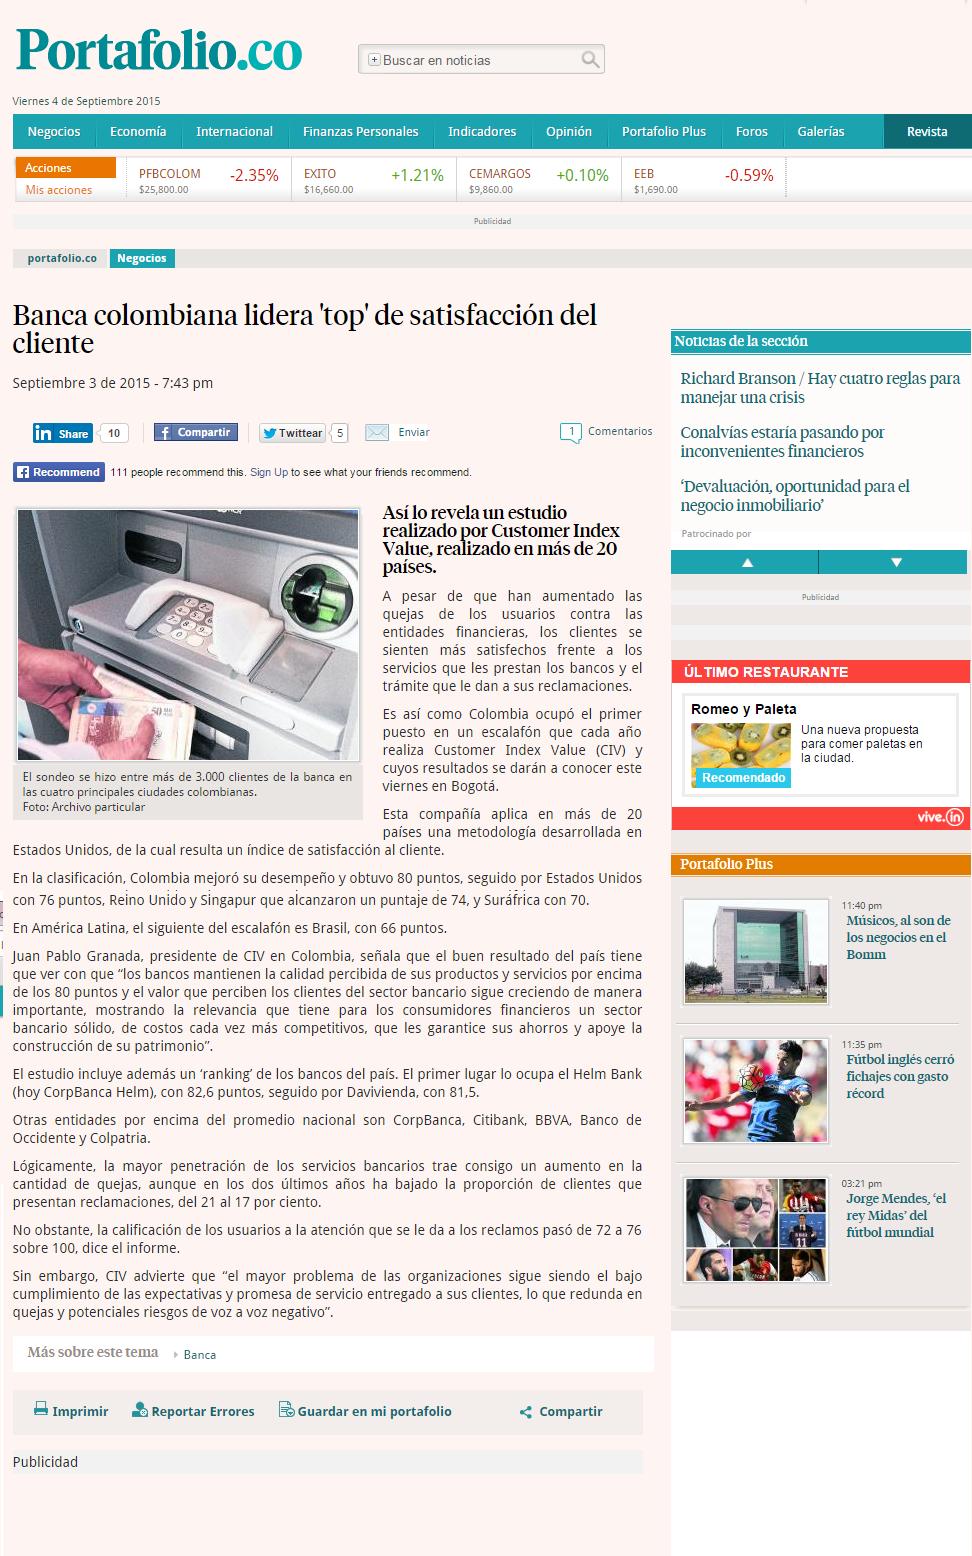 Helm Bank y Davivienda lideran índice de satisfacción de clientes